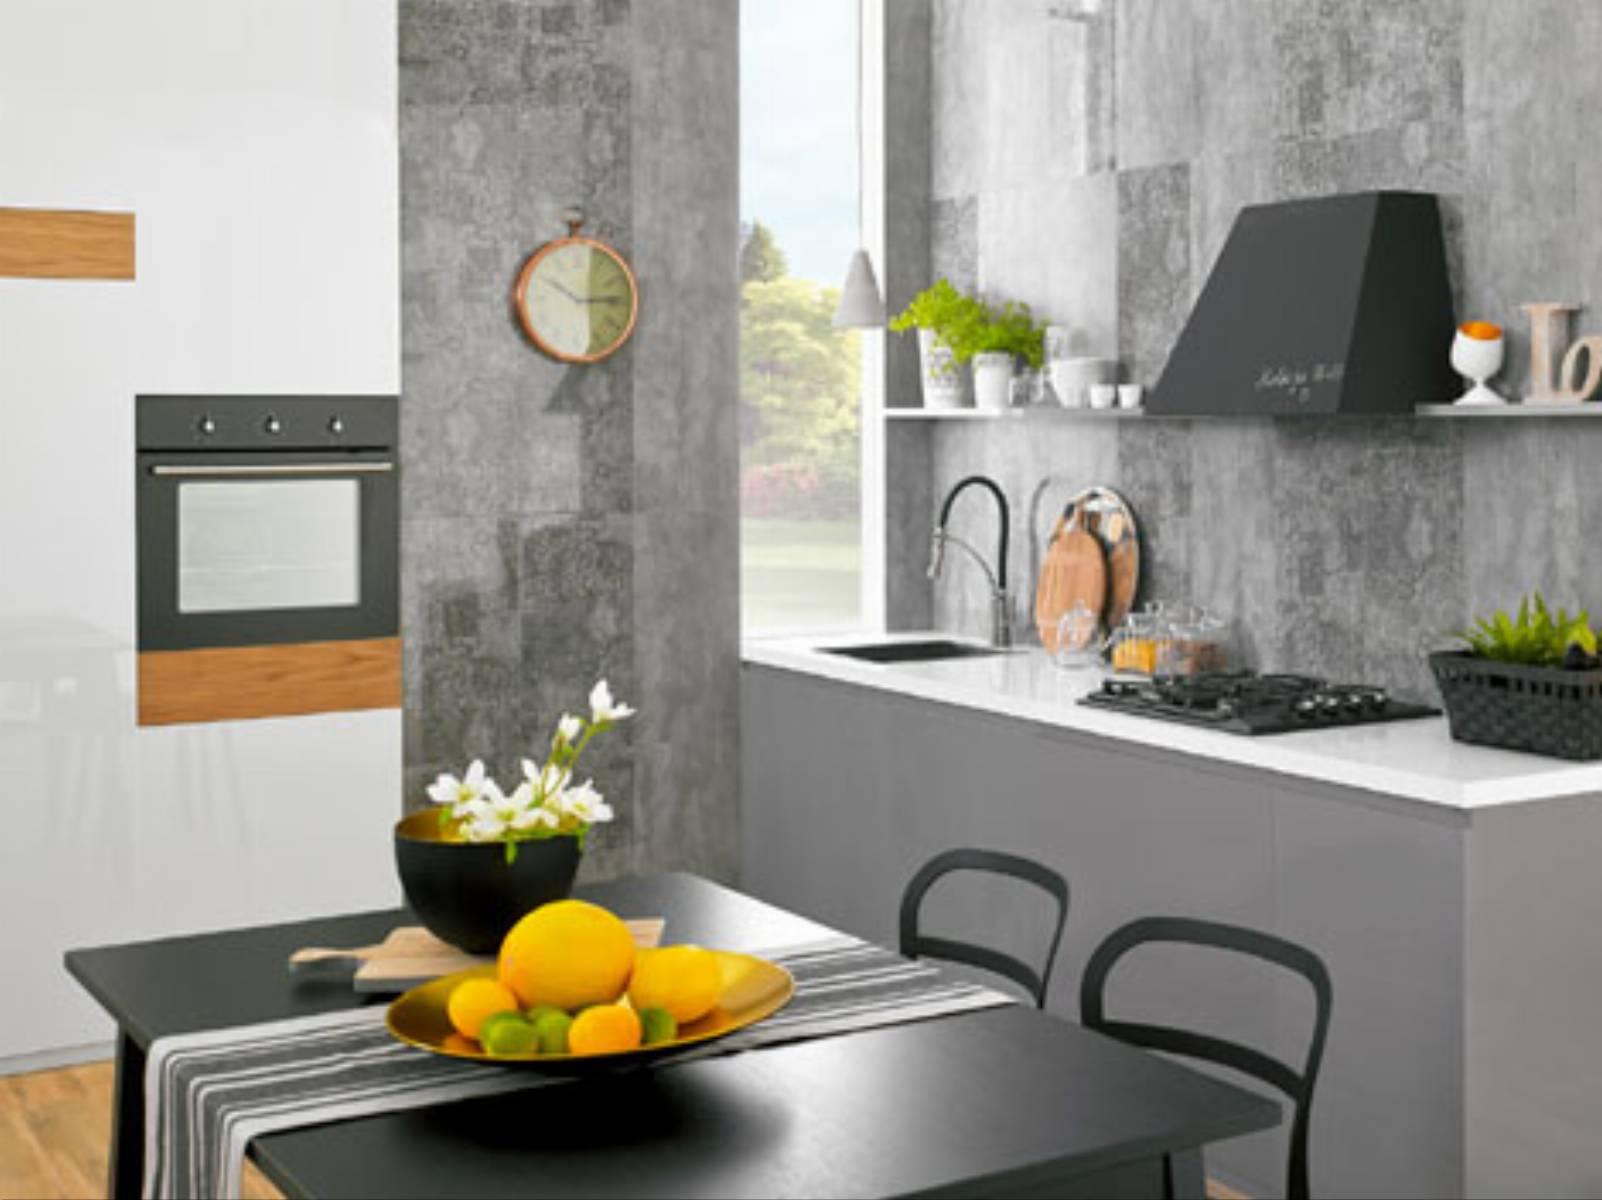 Kuchenne Rewolucje Płytki Ceramiczne W Kuchni Kobietamagpl